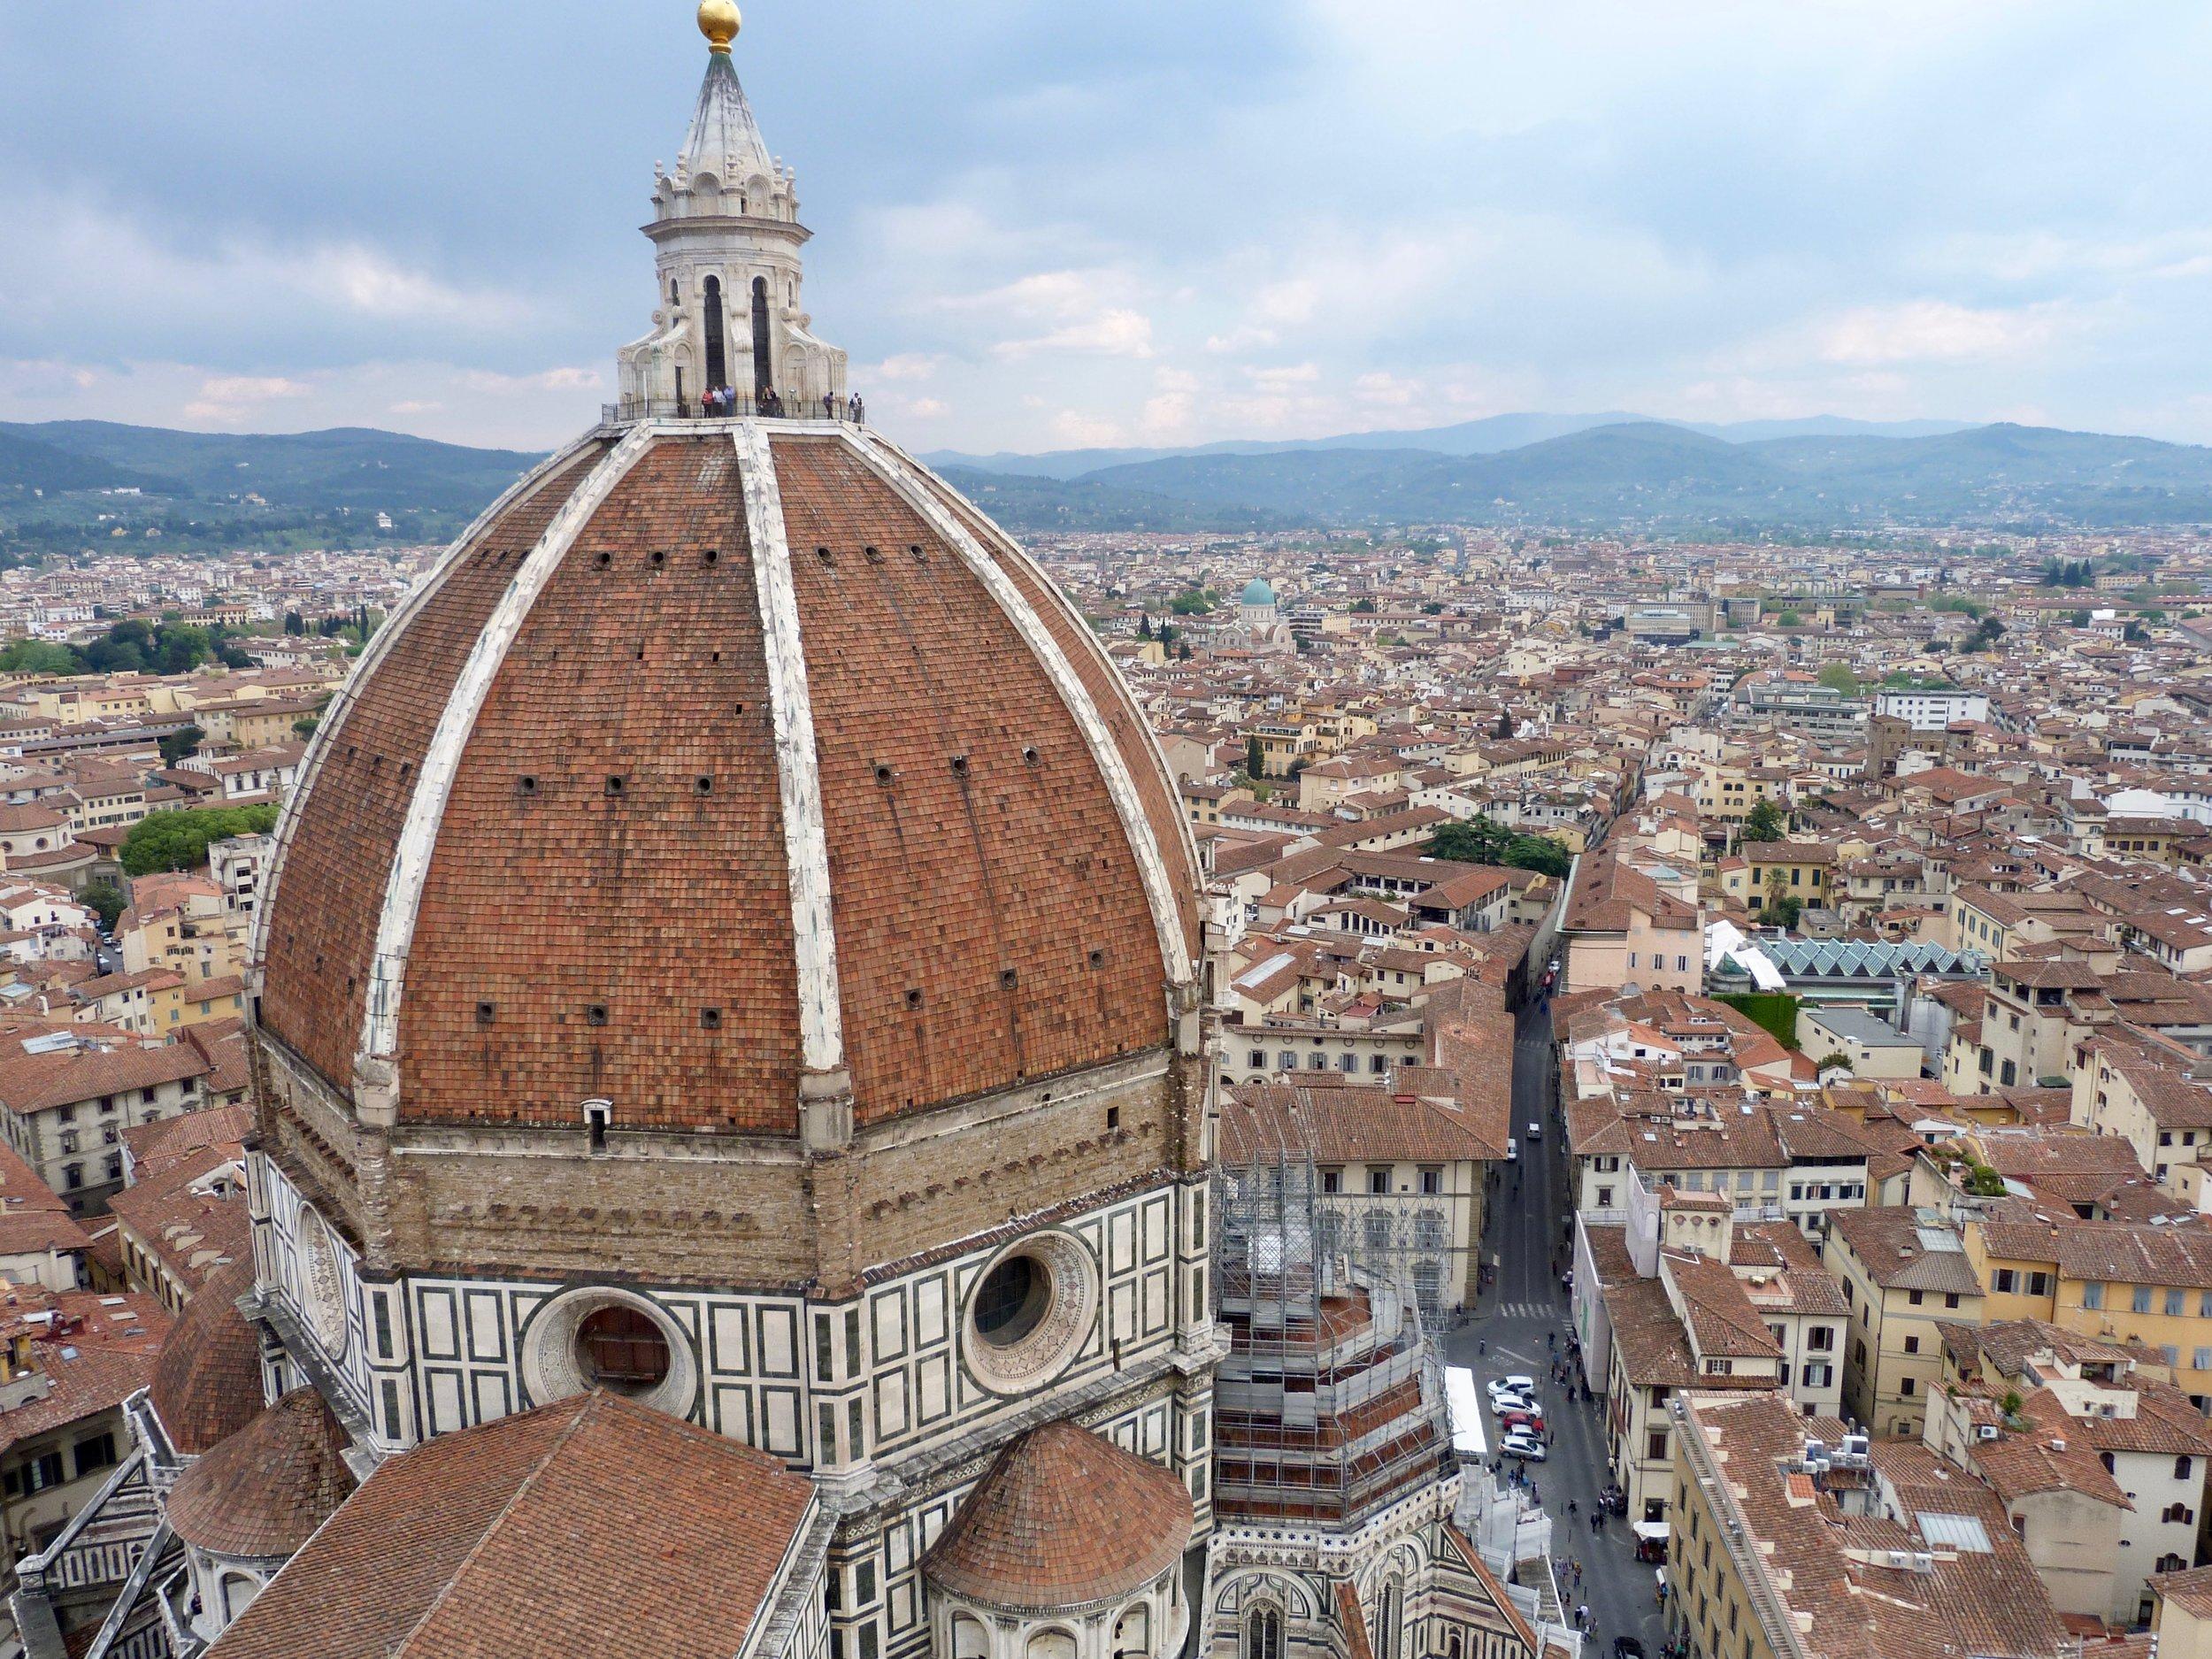 Vue sur Florence depuis le Campanile de Giotto, place du Duomo. C'est le clocher de la cathédrale de Florence, Santa Maria Del Fiore.